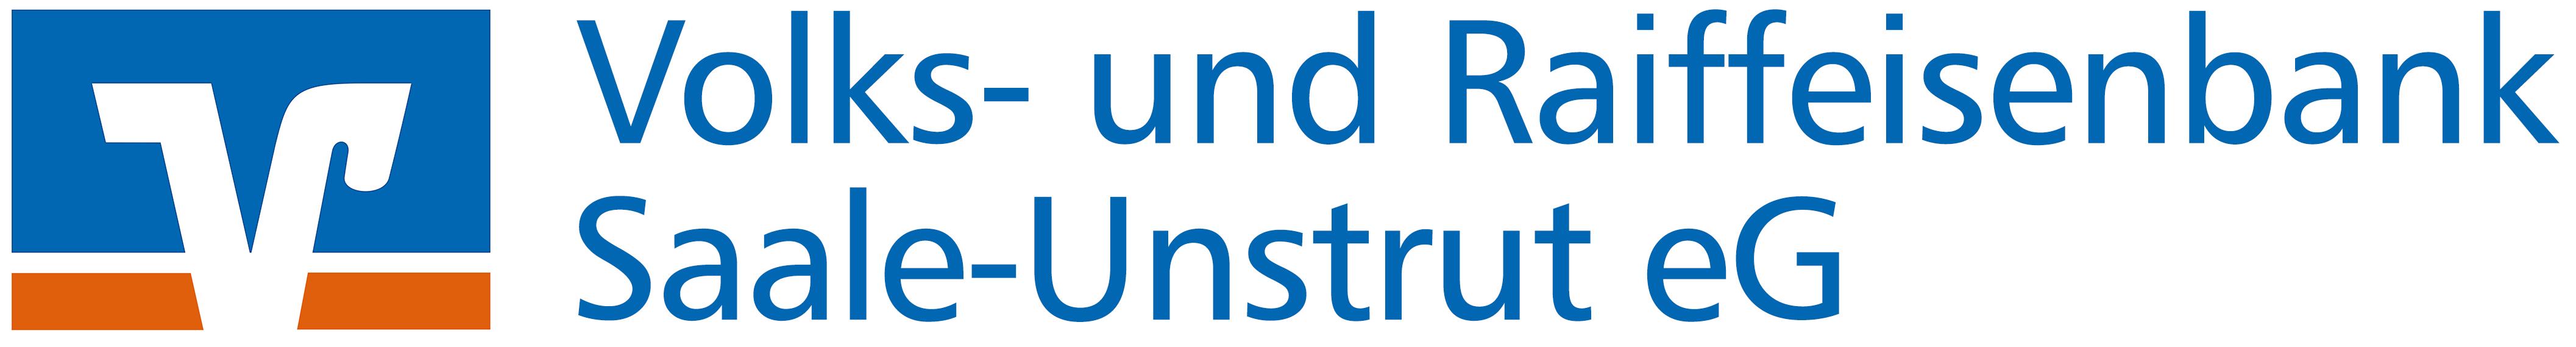 Volks- und Raiffeisenbank Saale-Unstrut